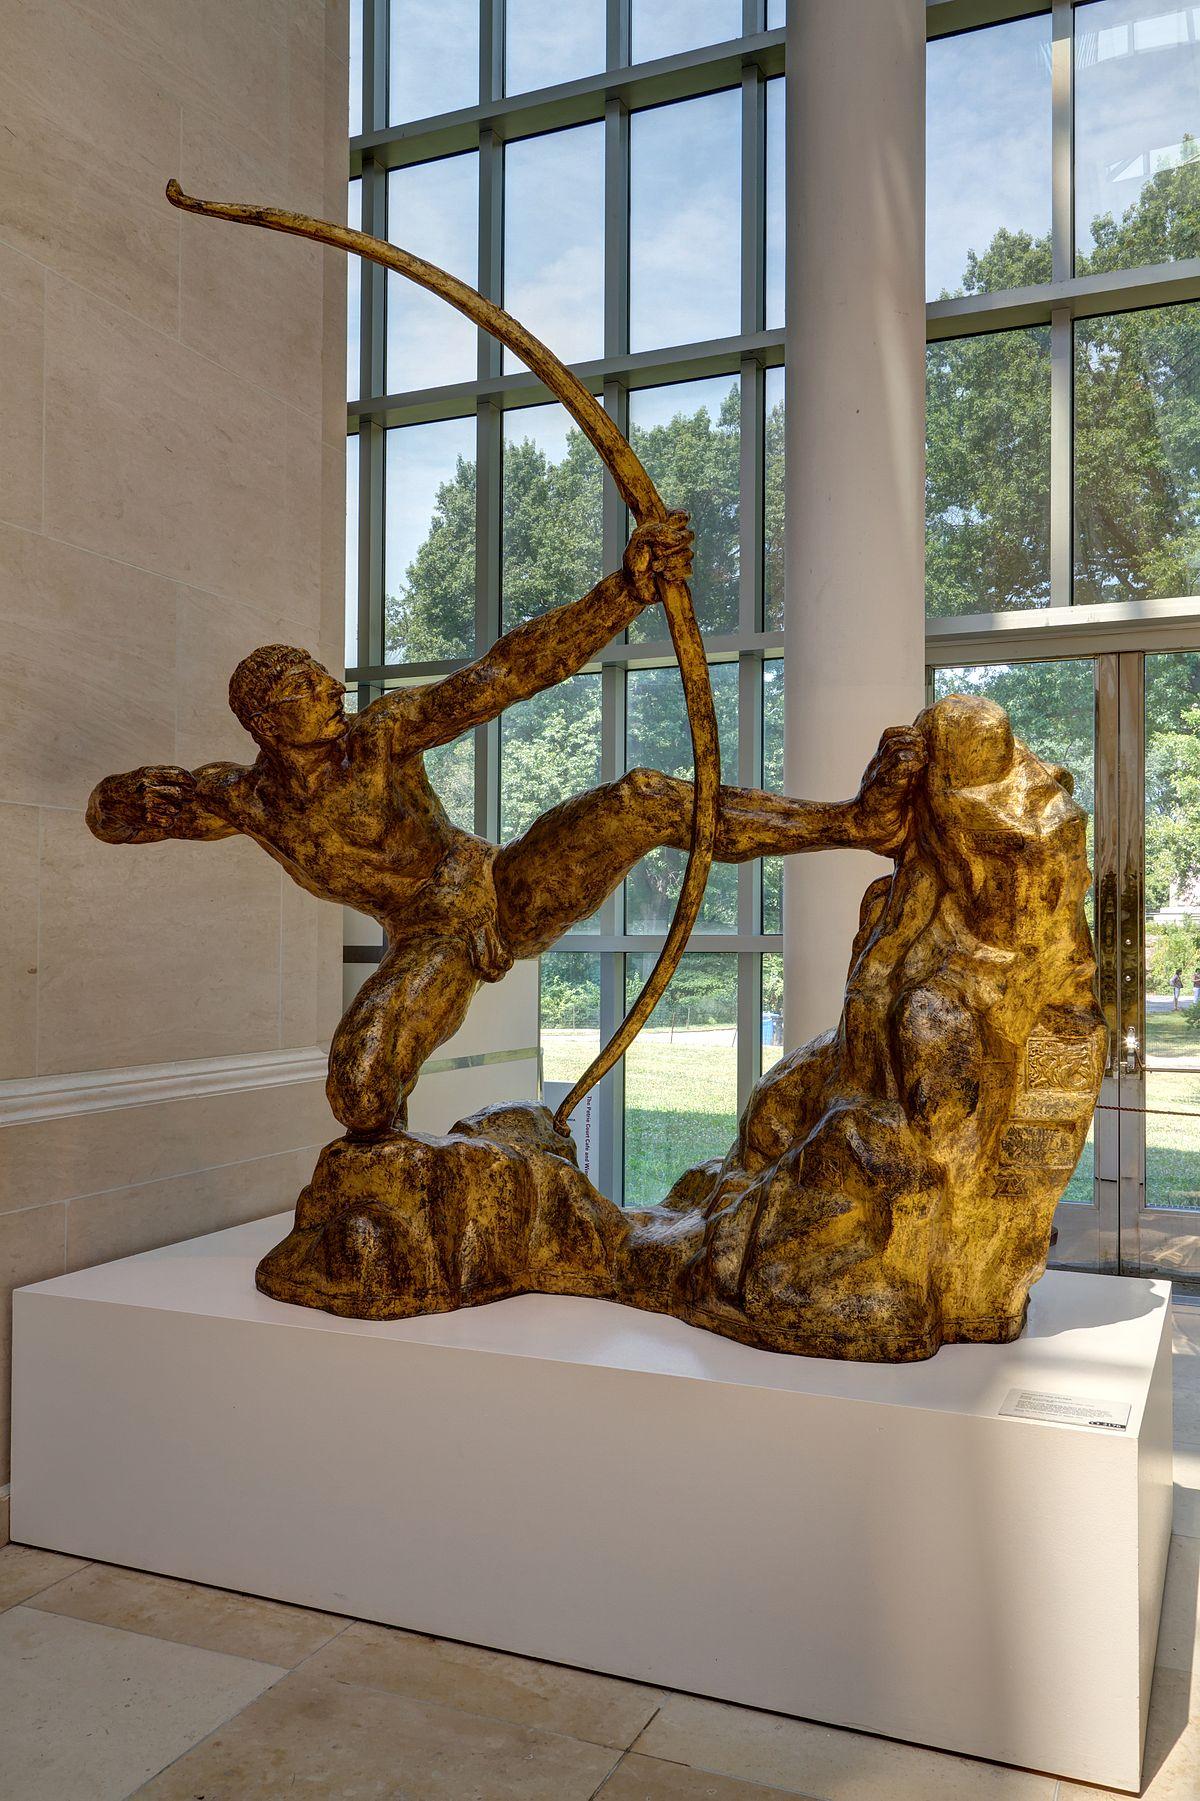 Hercules the Archer - Wikipedia